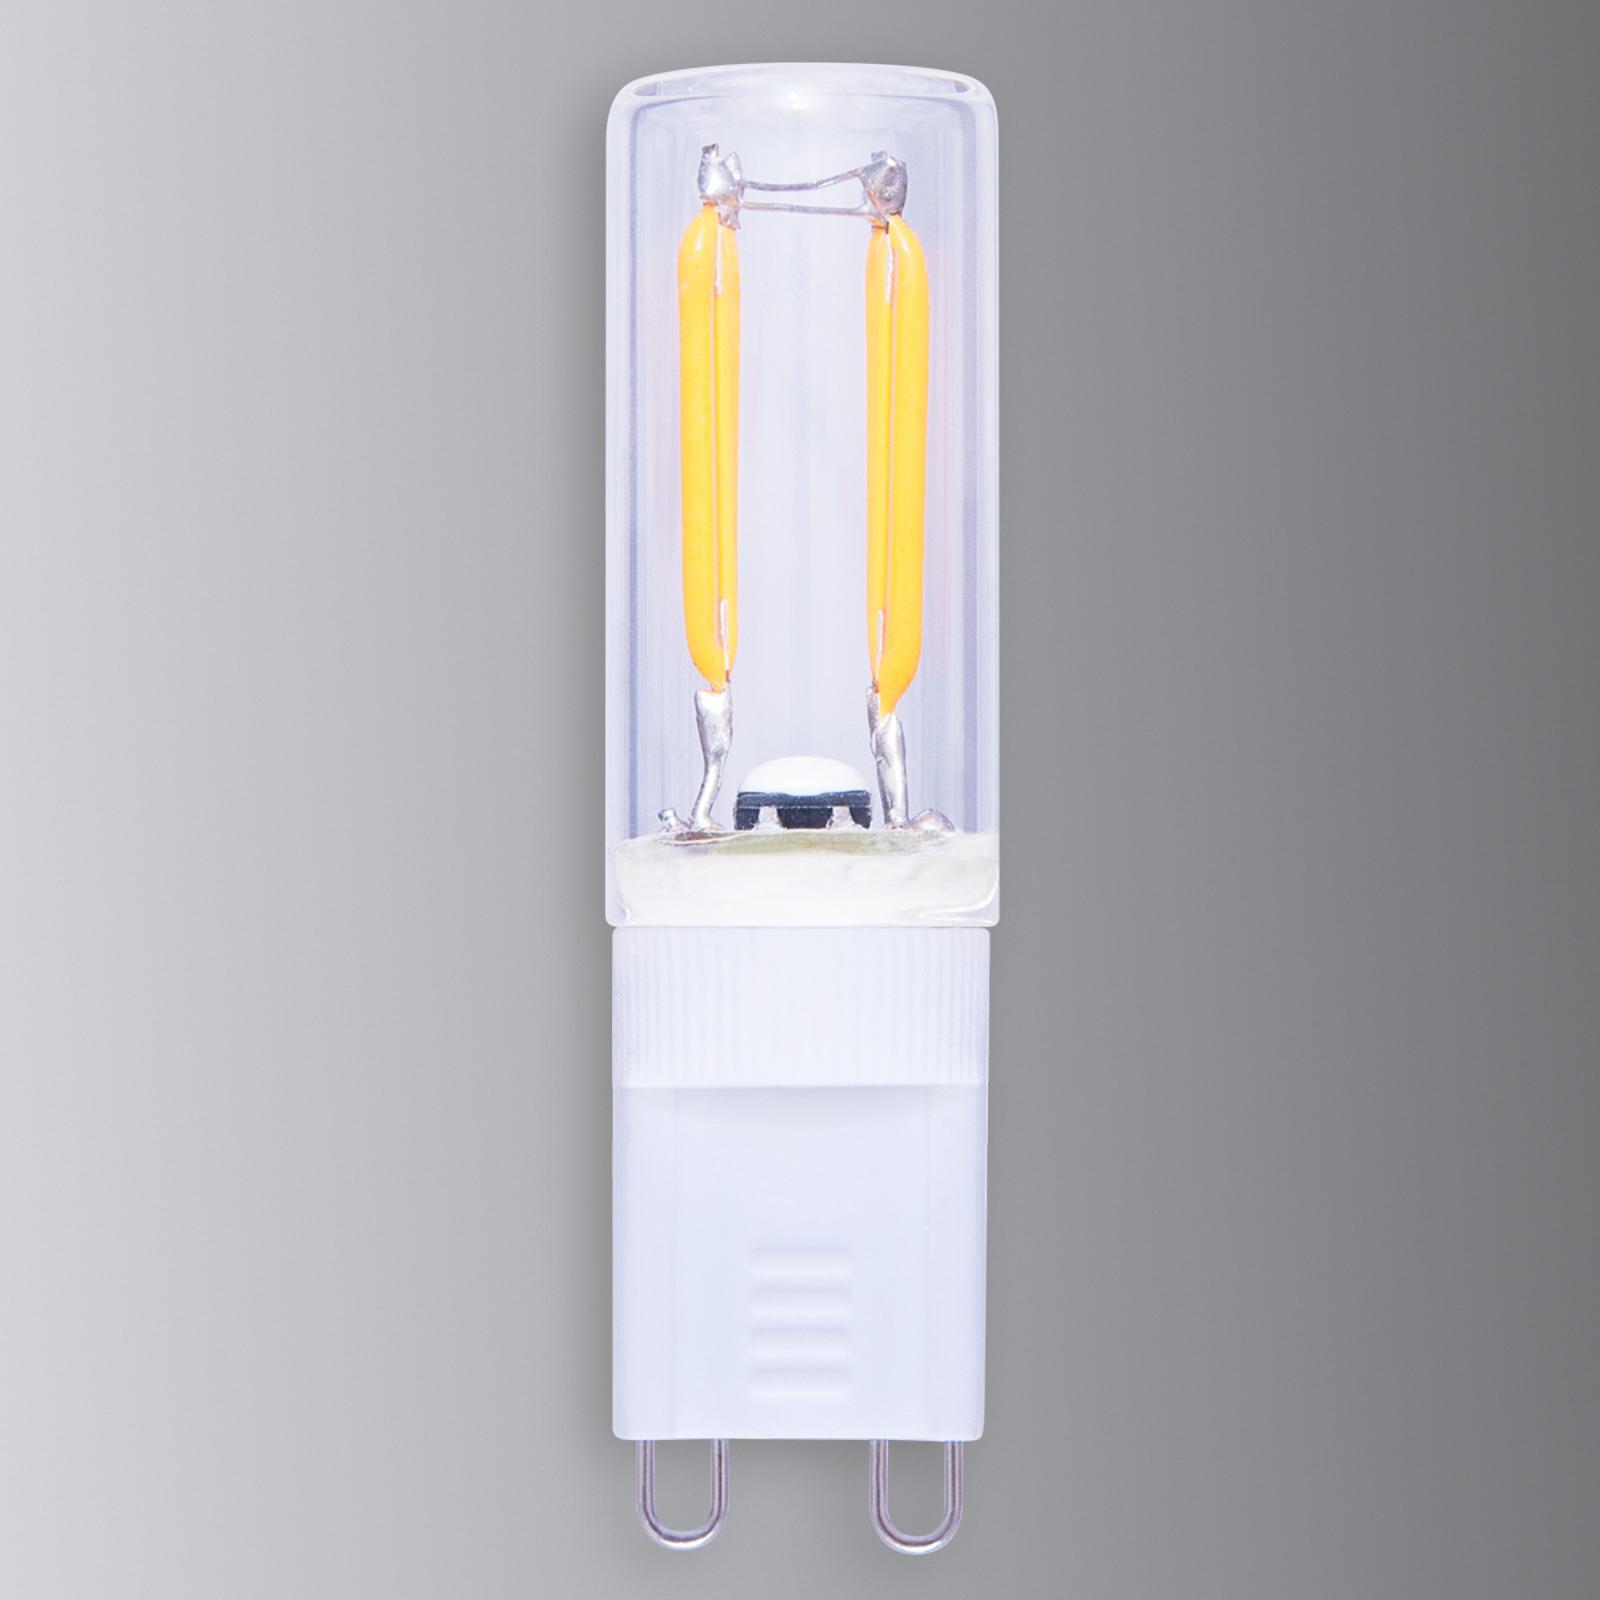 G9 1,5W 926 LED stiftpære med glødetråder